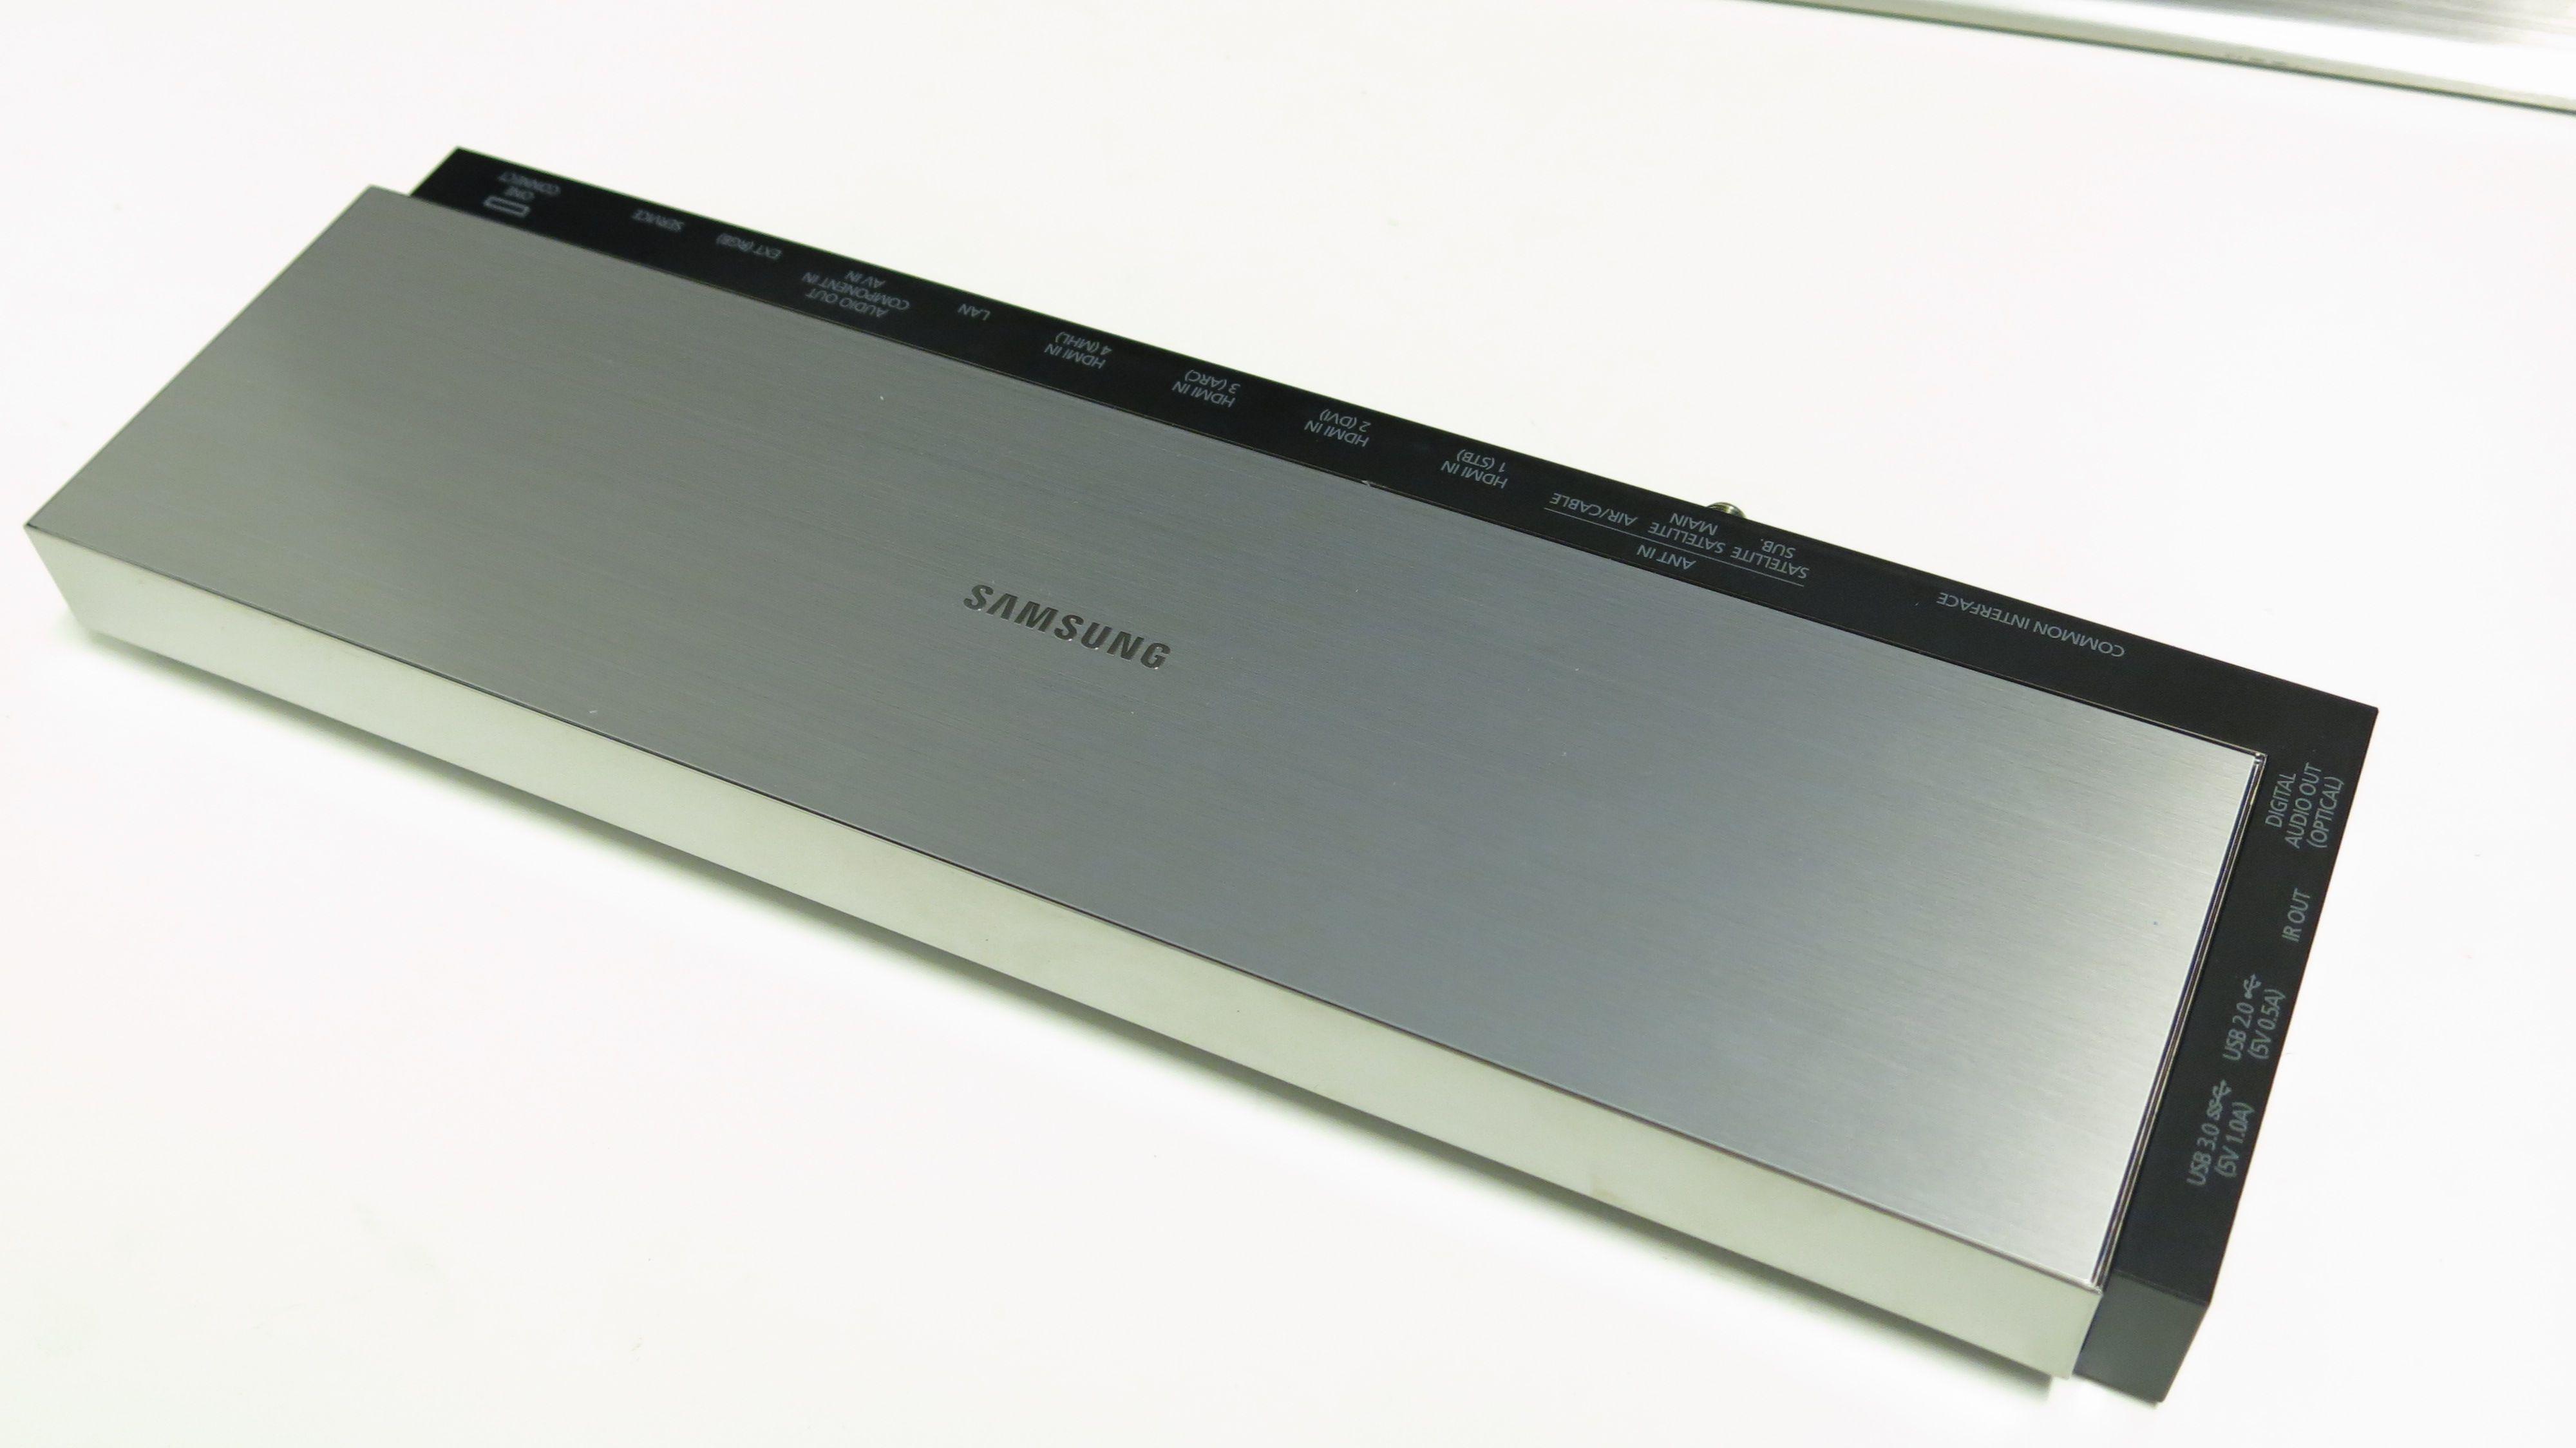 Denne boksen tar seg av alle enhetene du kobler til TV-en.Foto: Ole Henrik Johansen / Hardware.no